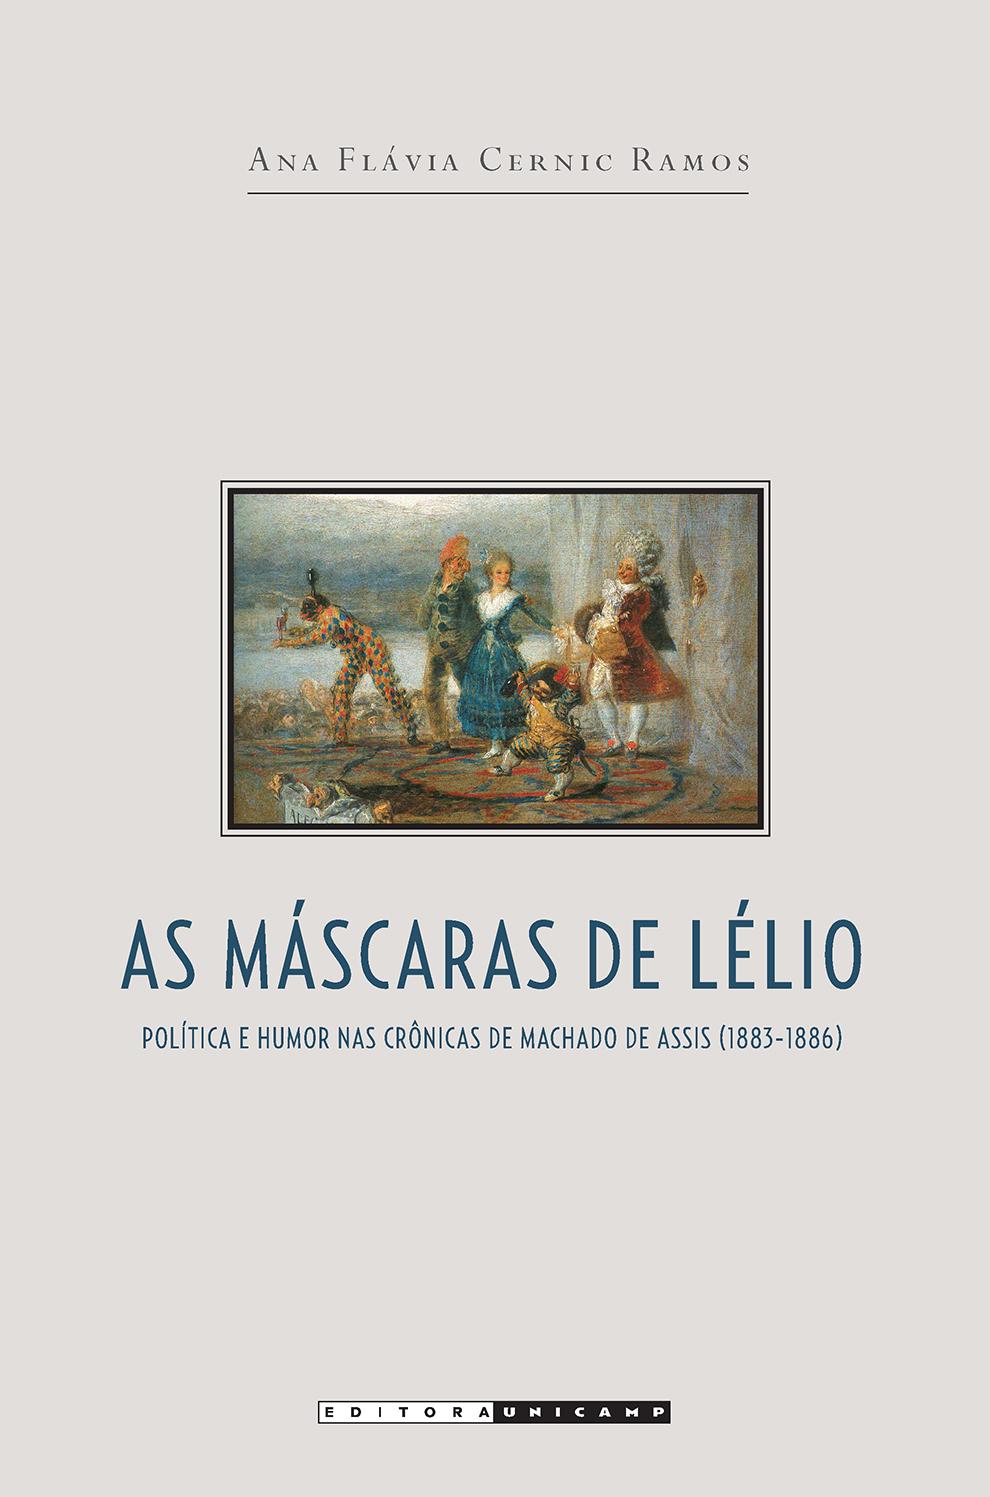 As máscaras de Lélio - Política e humor nas crônicas de Machado de Assis (1883-1886), livro de Ana Flávia Cernic Ramos